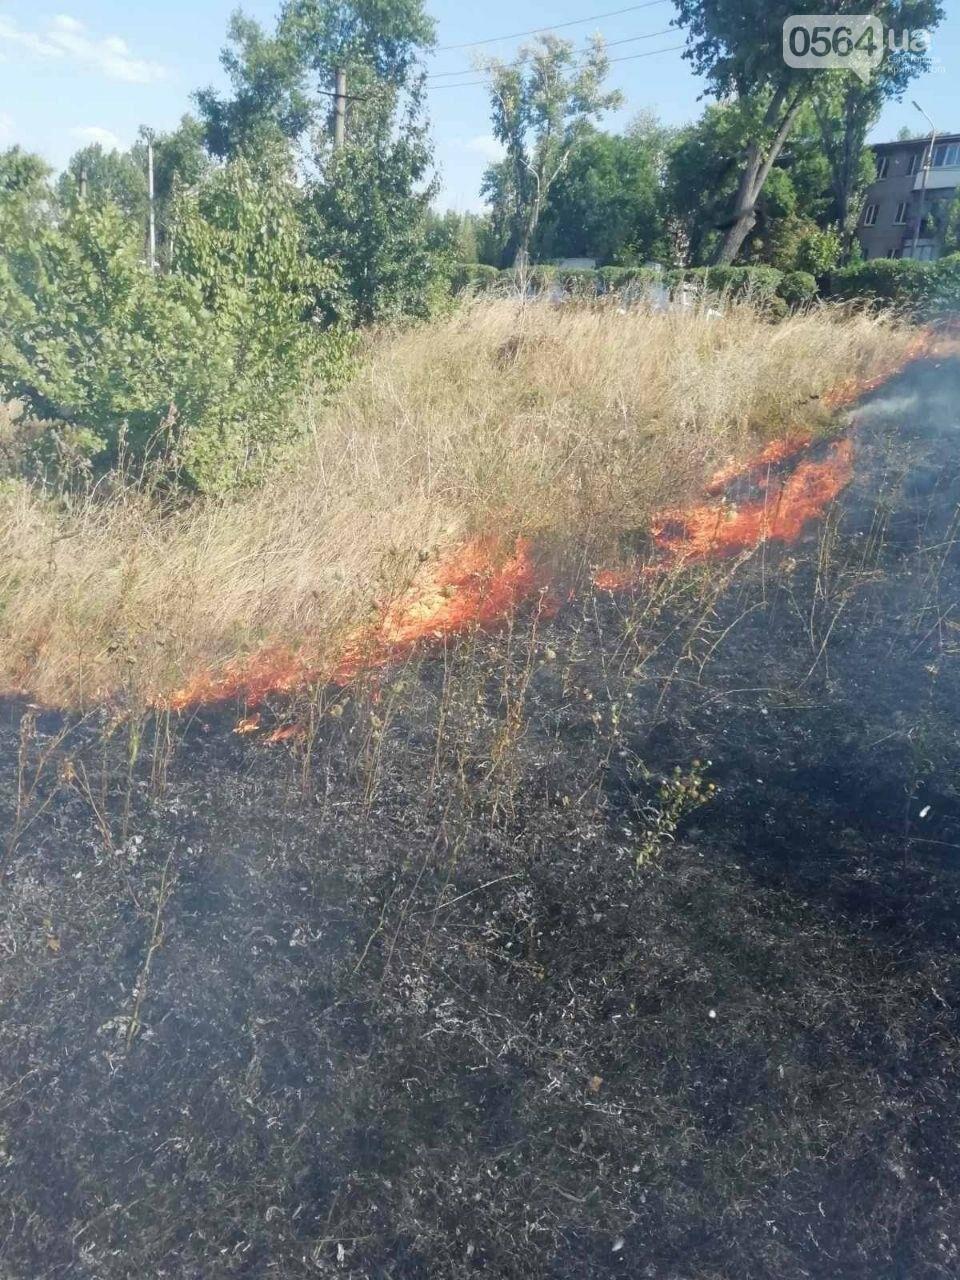 За прошедшие сутки в Кривом Роге произошло 5 пожаров в эко-системе, - ФОТО , фото-8